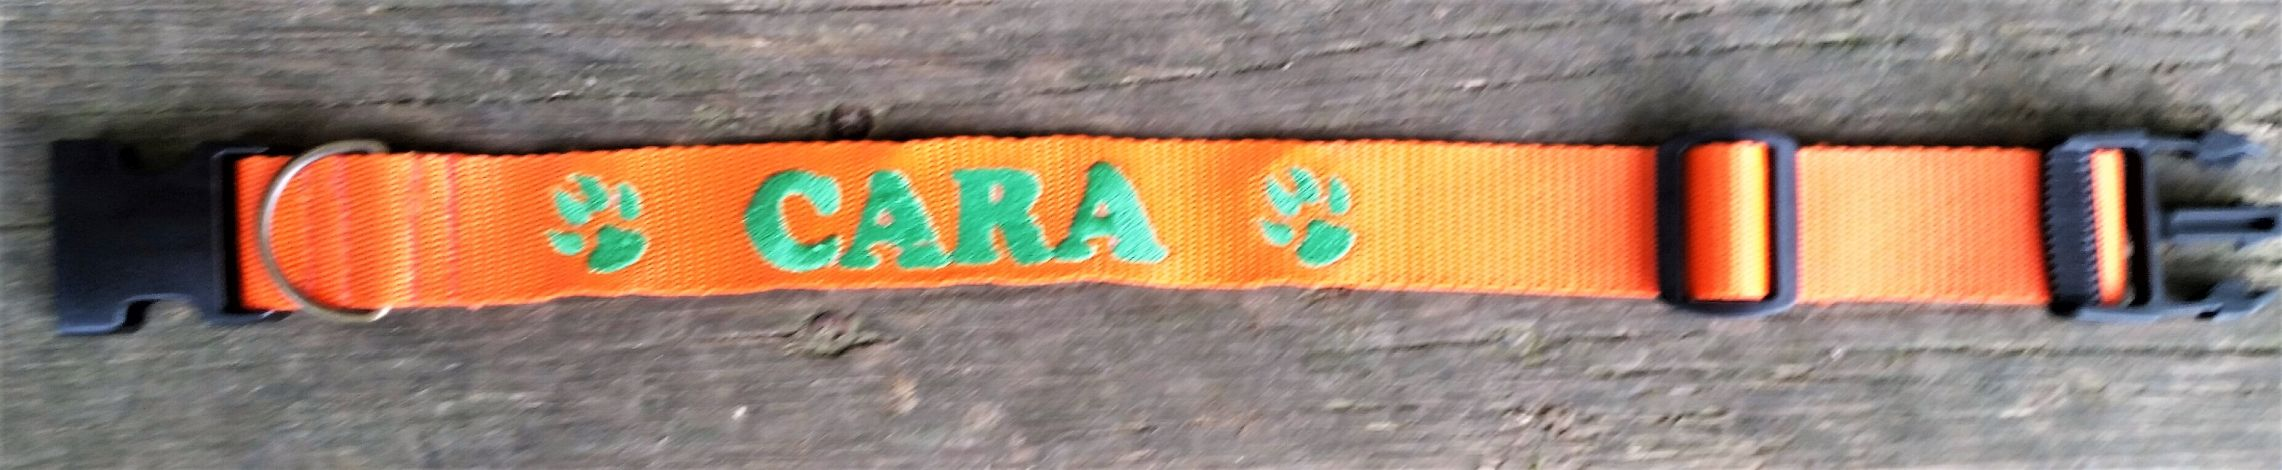 CARIS Nähwerkstatt, Hundehalsband